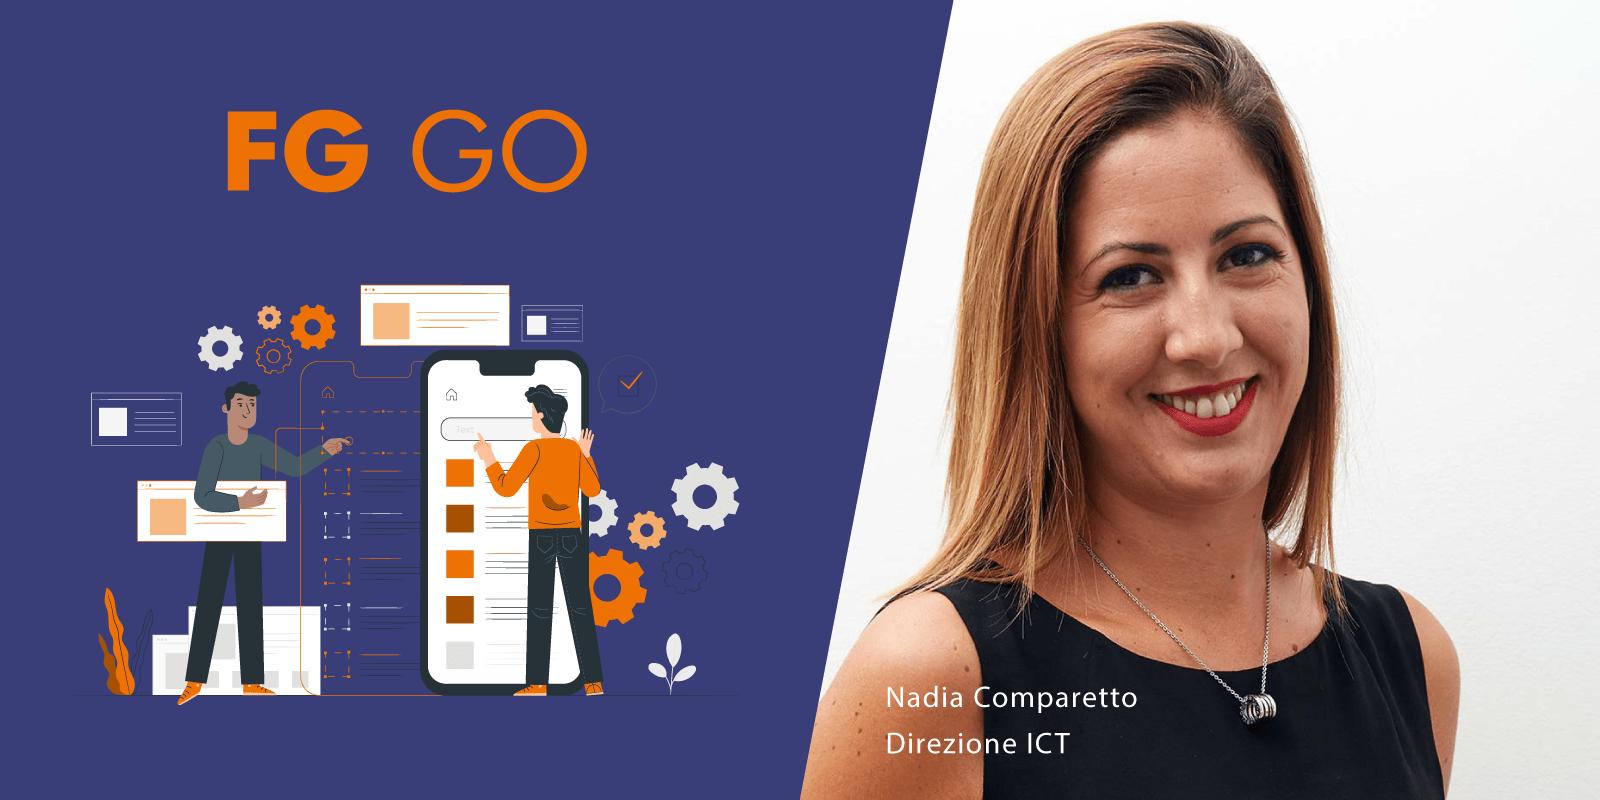 FG-go-app-Nadia-Comparetto-ICT-FG-Delivery